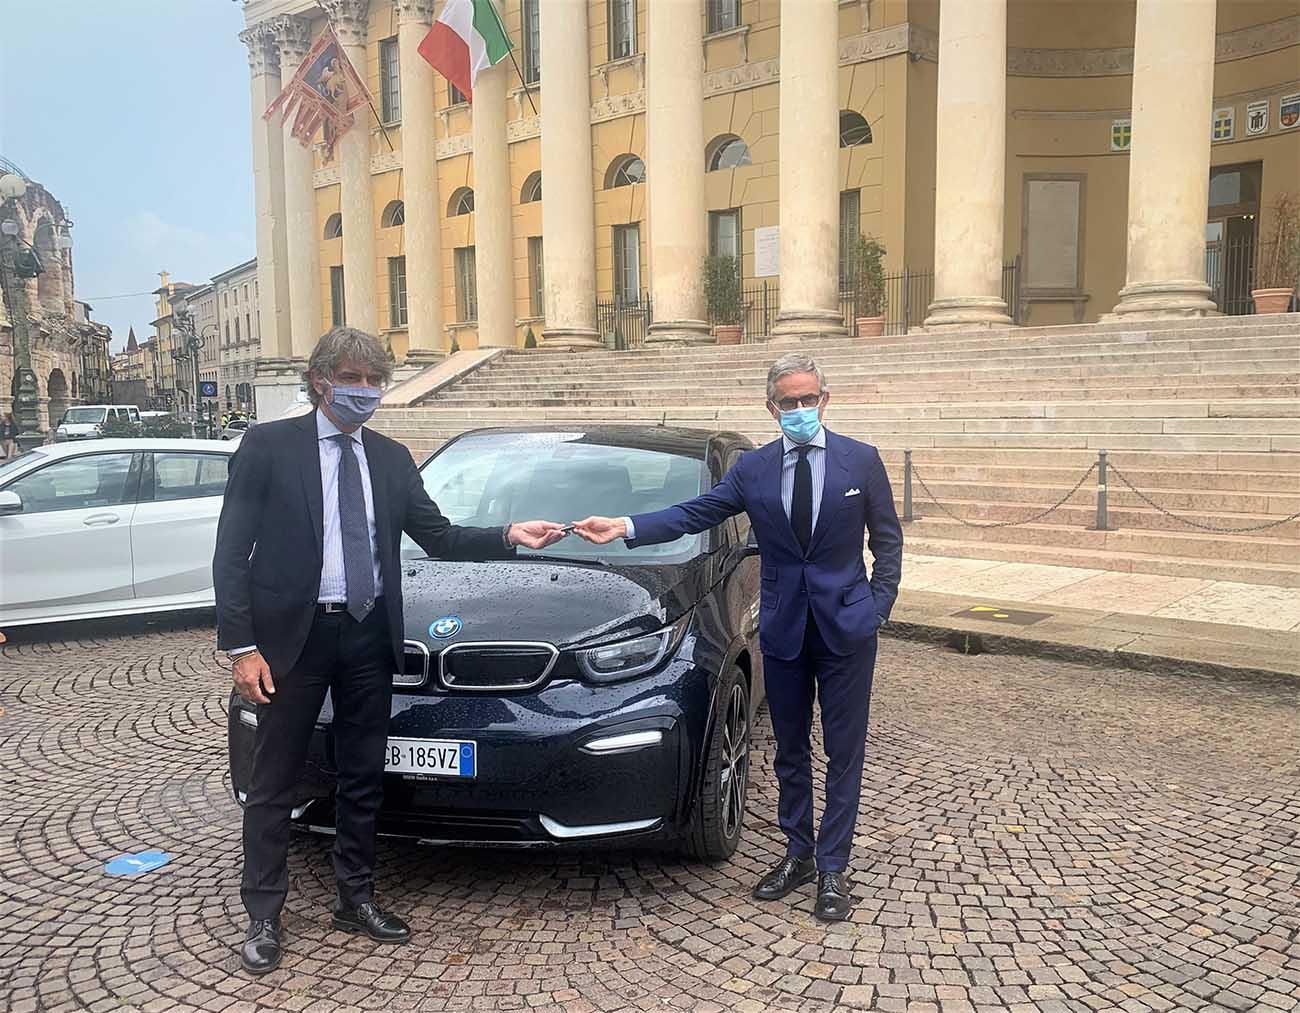 BMW, due vetture al Comune di Verona per la mobilità sostenibile